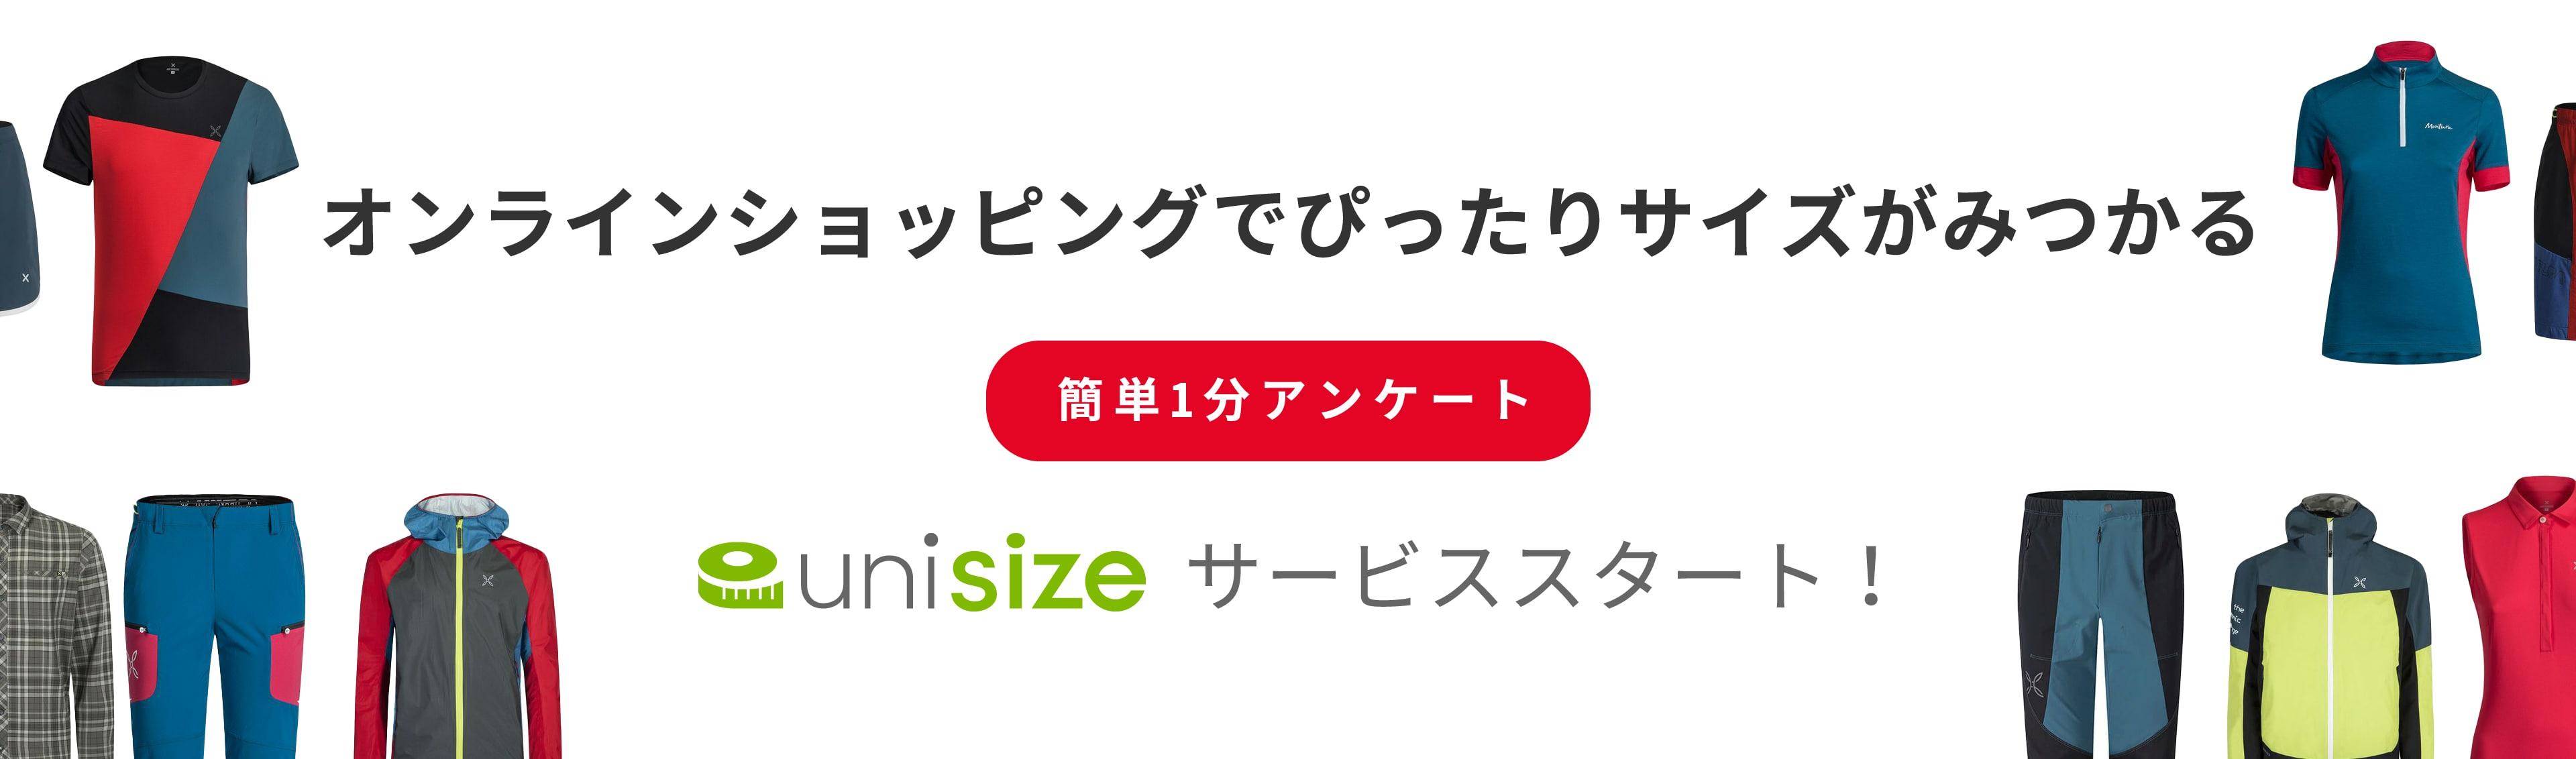 /top_unisize_pc.jpg